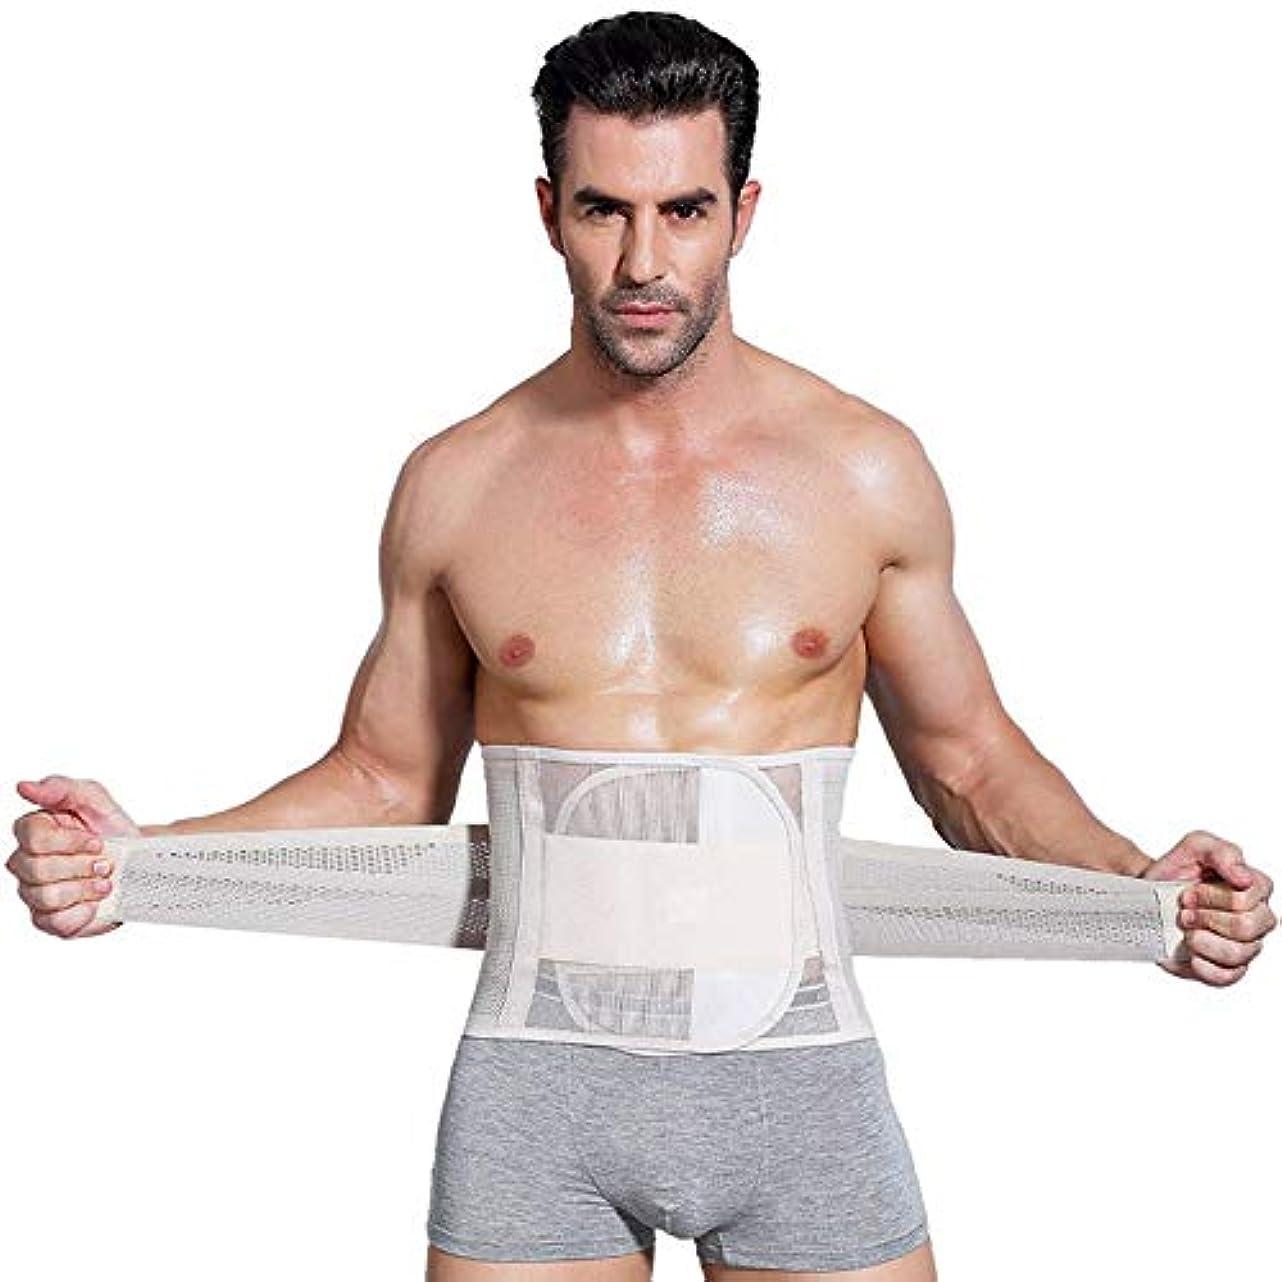 男性ボディシェイパーコルセット腹部おなかコントロールウエストトレーナーニッパー脂肪燃焼ガードル痩身腹ベルト用男性 - 肌色M